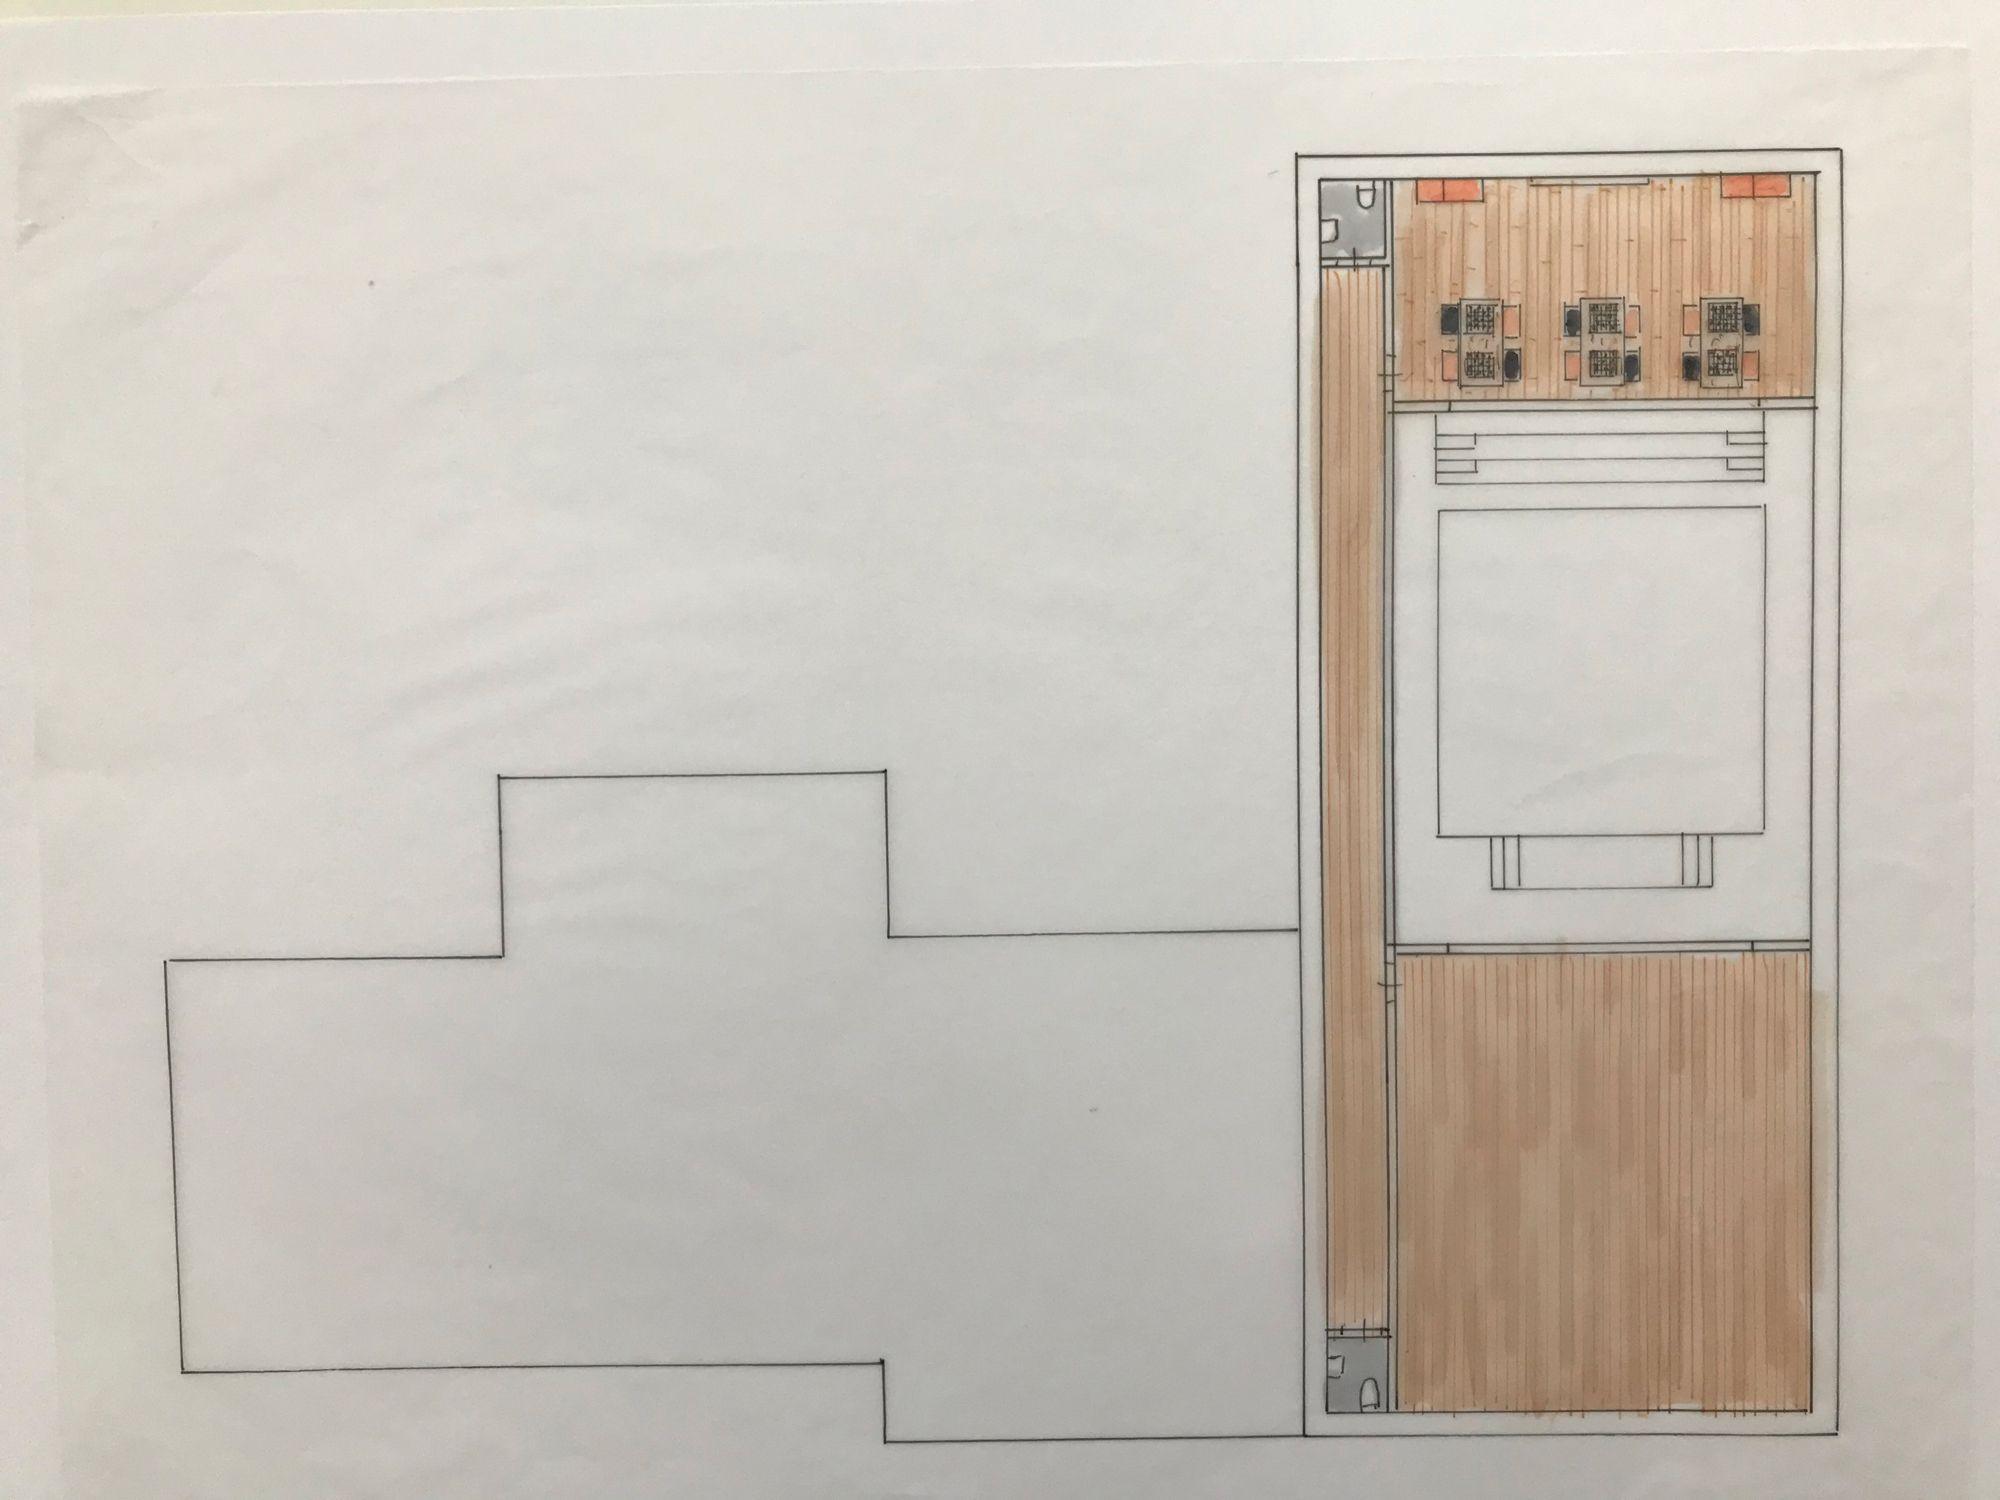 Tekening project schaakboksschool | Space Identity | Interieurvormgeving | Tiel